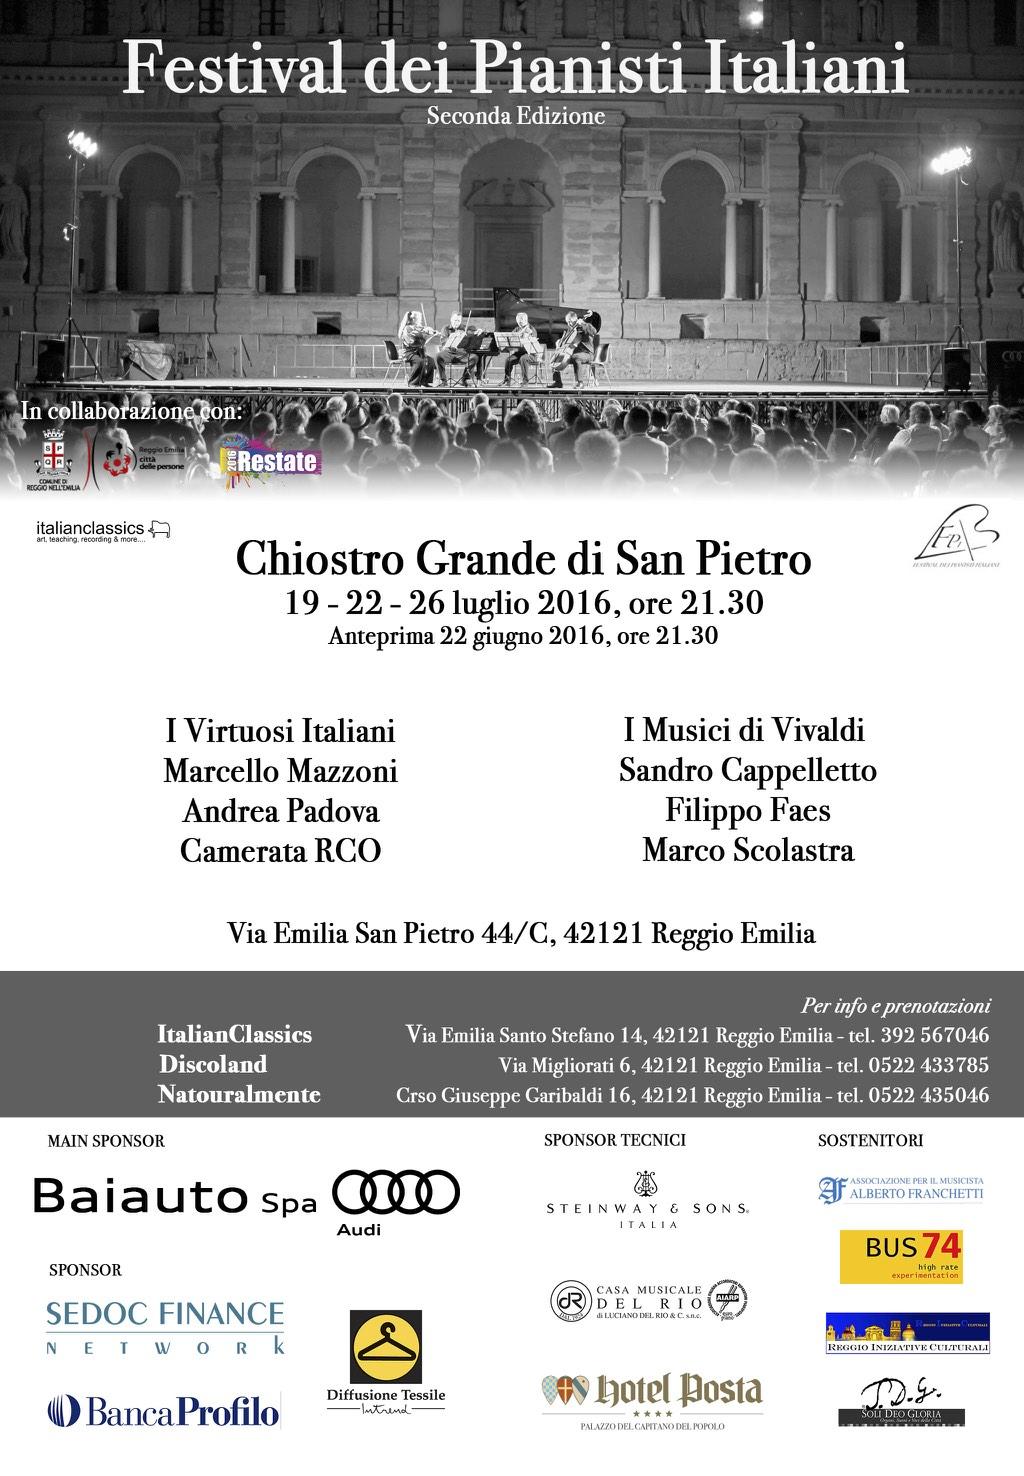 Festival Pianisti Italiani